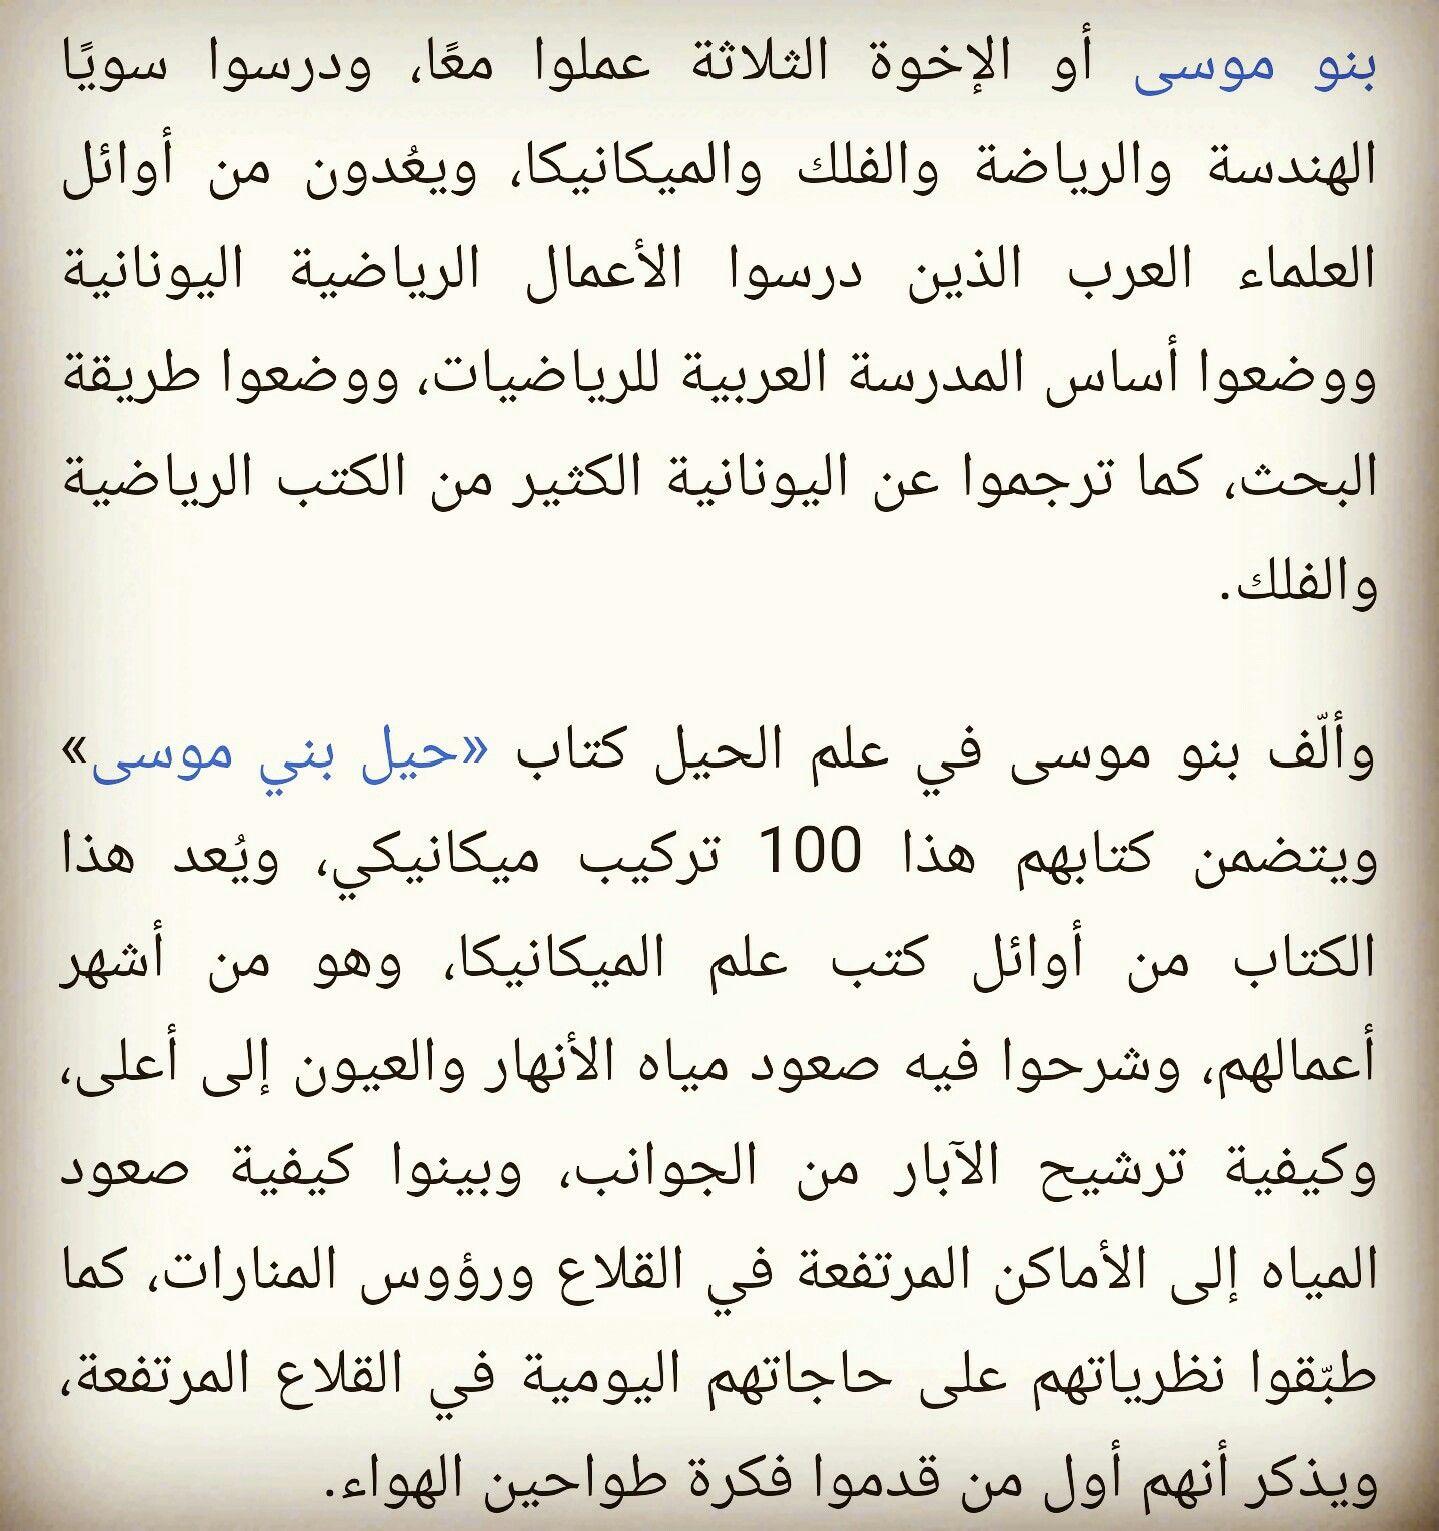 متفرقات زيد اسامة متفرقات حول العالم Motafari9atدوتcom منوعات متفرقات الكويت اخبار رياضة تكنولوجيا فيسبوك برام Math Like Me Math Equations